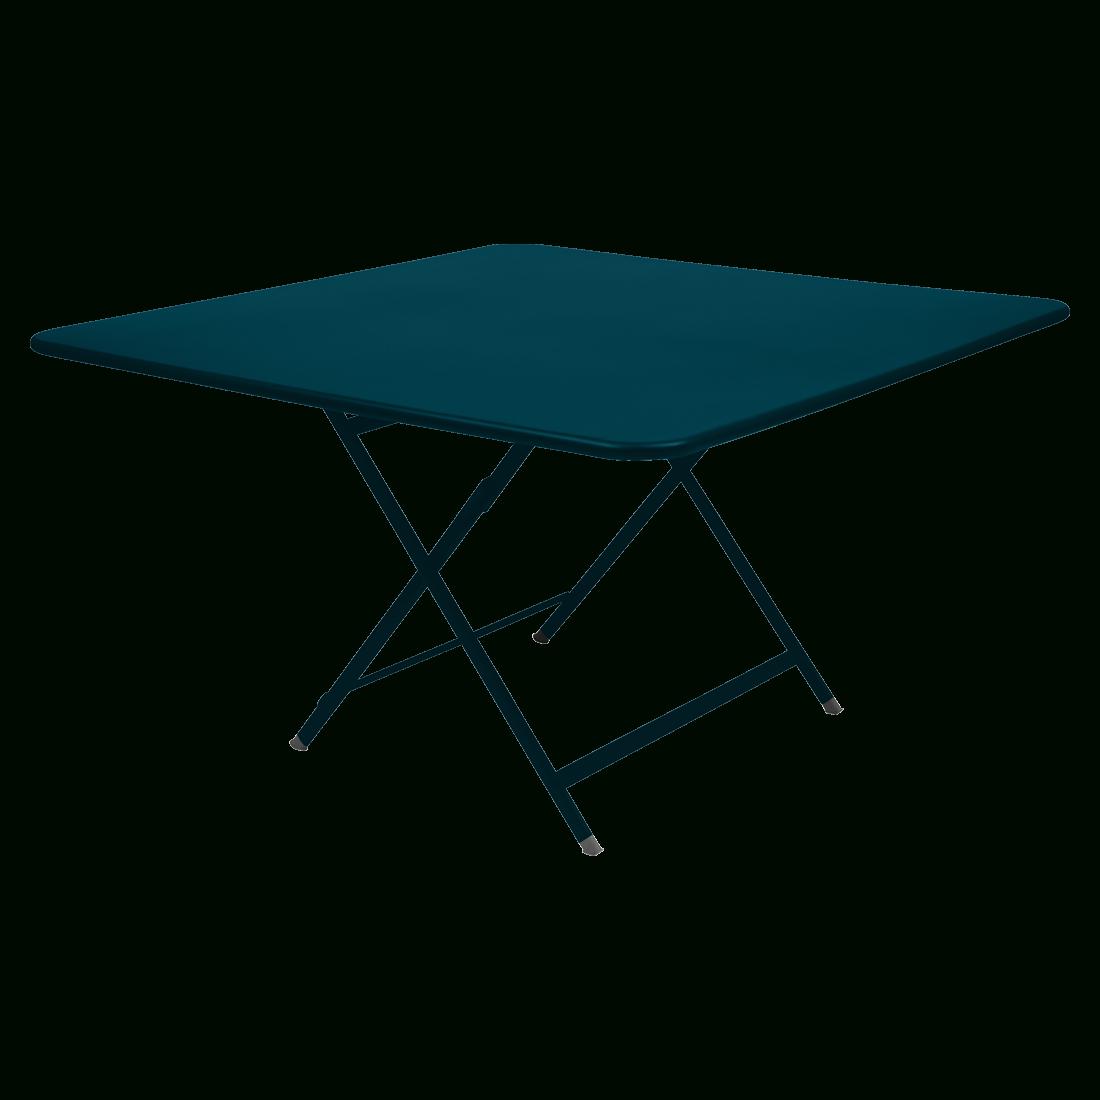 Caractère Square Table, Garden Table For 8, Outdoor Furniture concernant Table De Jardin Carrée 8 Personnes